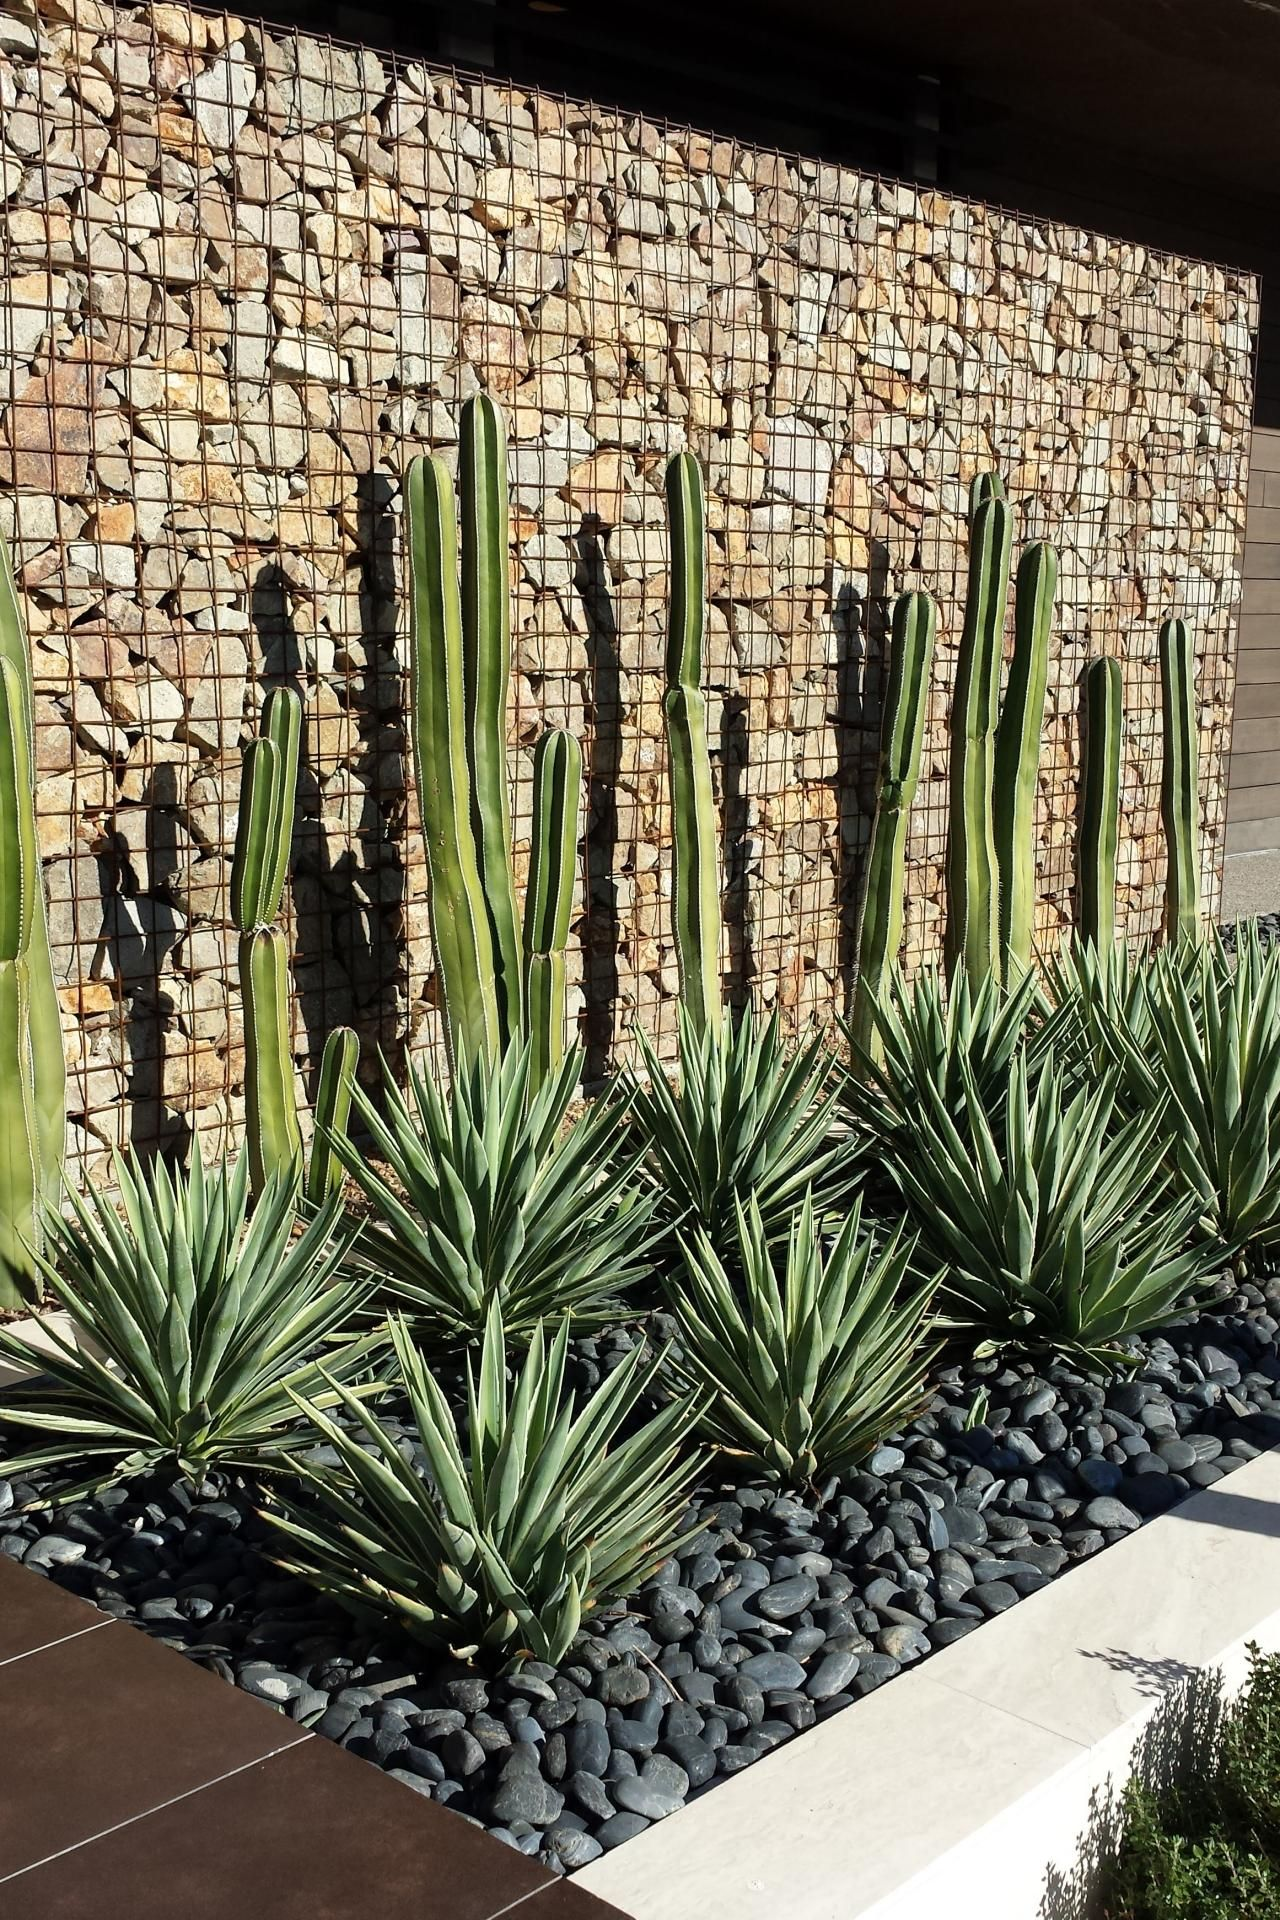 gaviones decorativos para el jard n y jardiner a Debajo de ventana de cocina. Cactus. Altos. Piedras grises Jardines  Verticales, Ventana